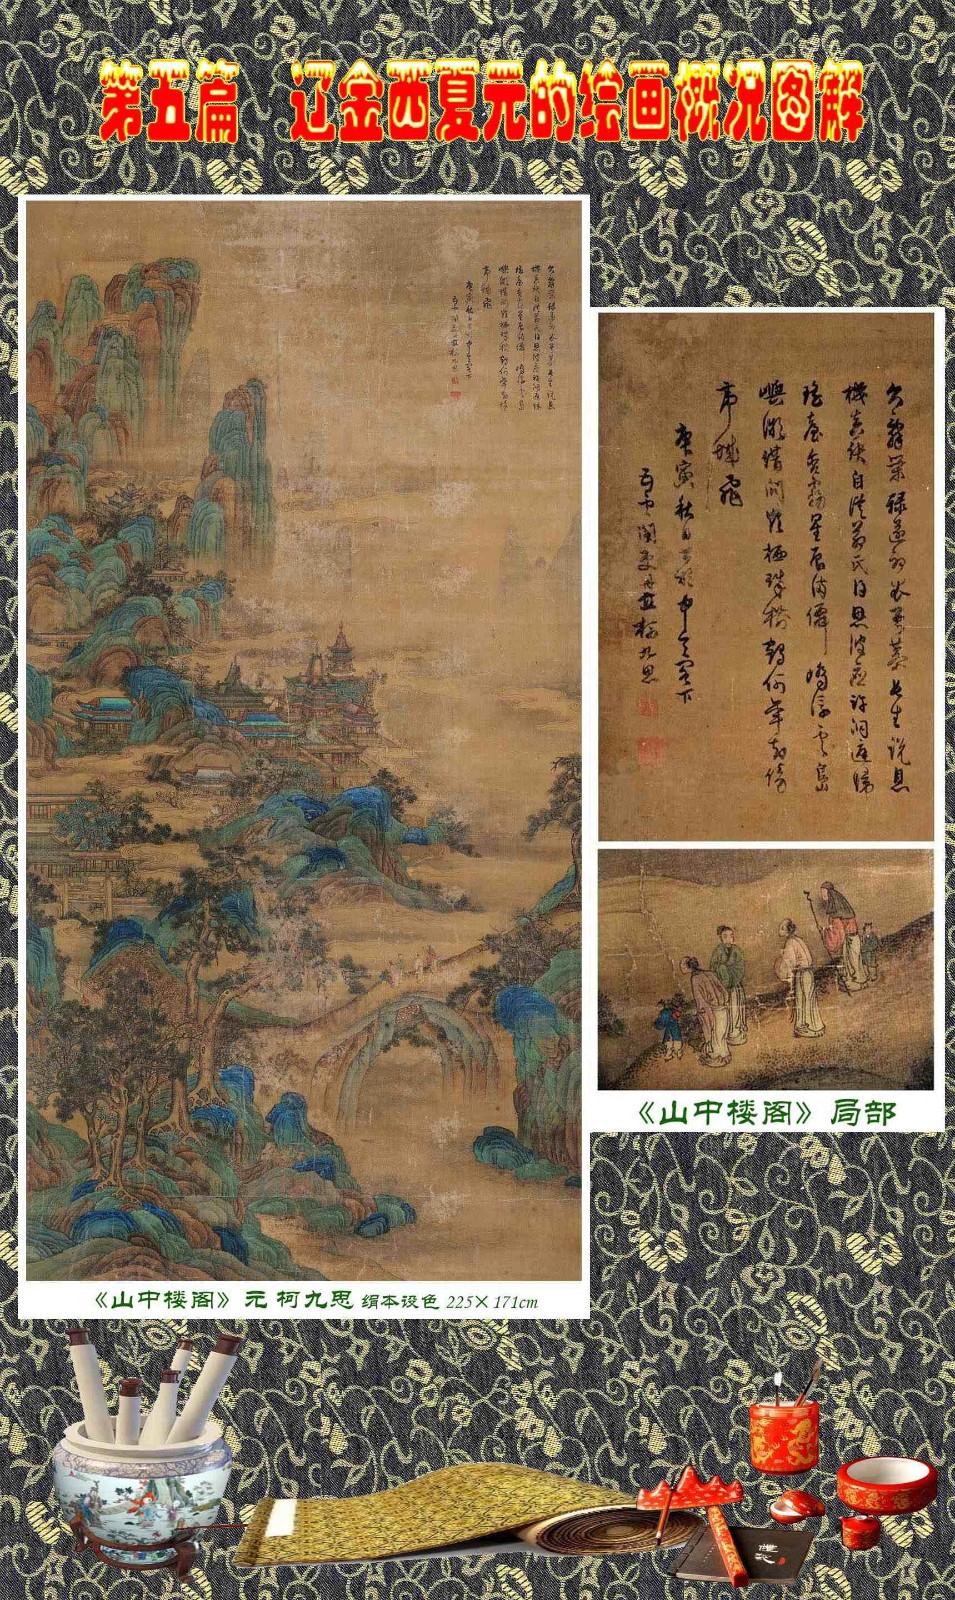 顾绍骅编辑 中国画知识普及版 第五篇 辽金西夏元的绘画概况 下 ... ..._图1-1